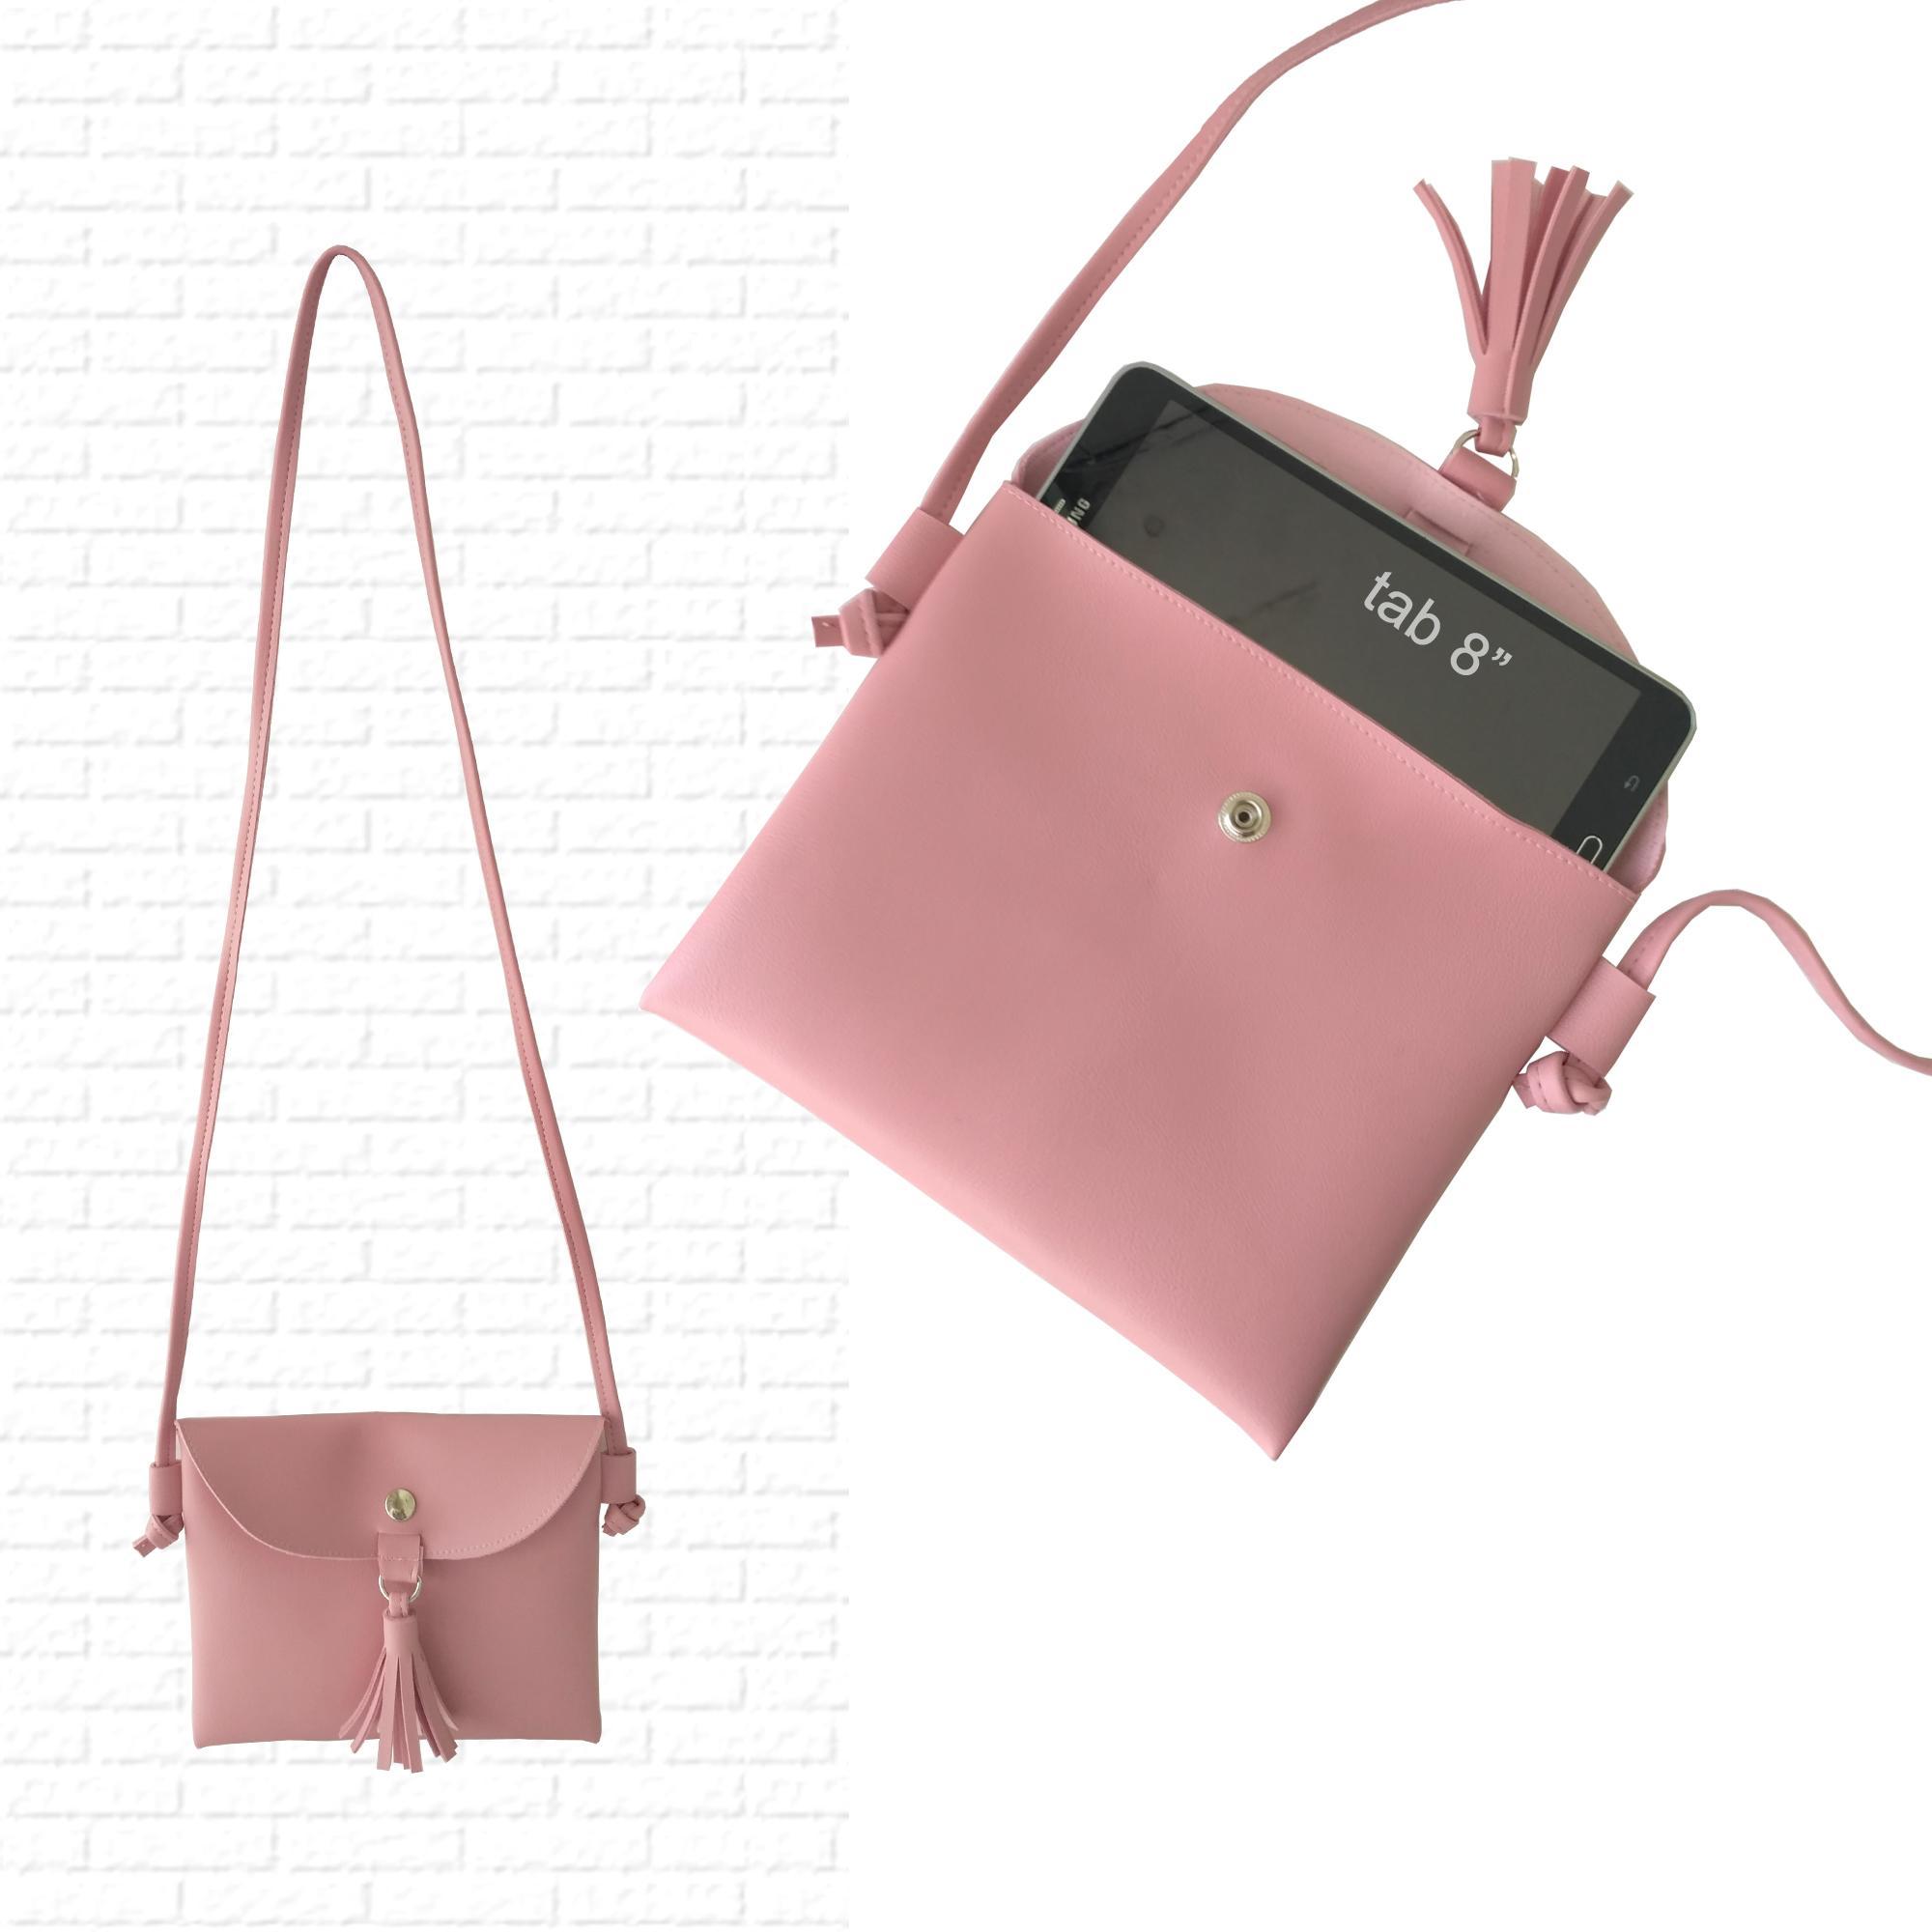 tas selempang wanita / tas wanita amplop / sling bag tab